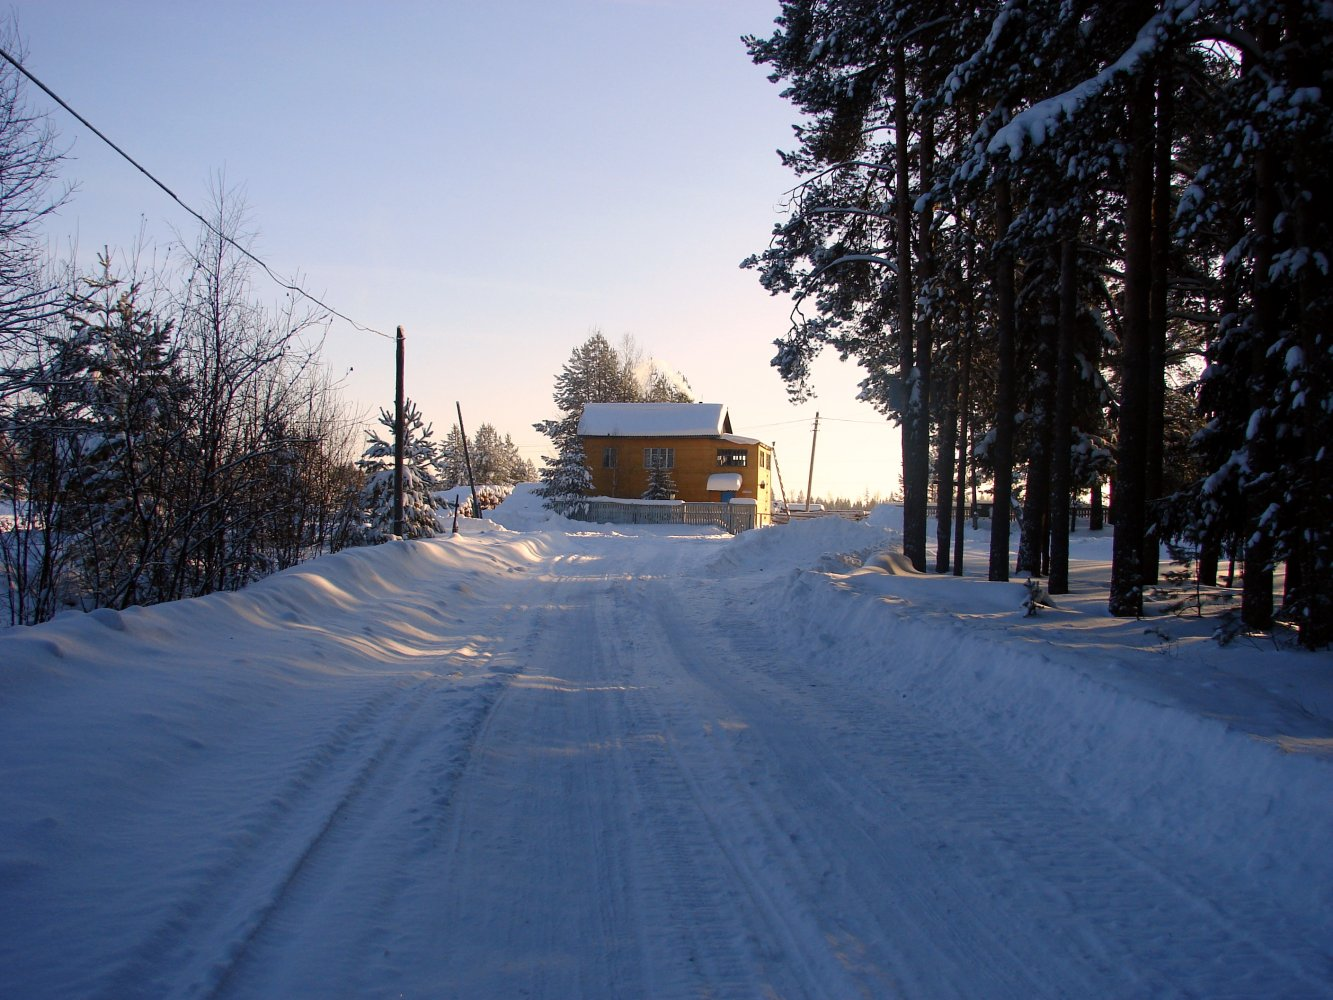 Фото DSC03965.JPG. Россия, Костромская область, Боровской, Unnamed Road